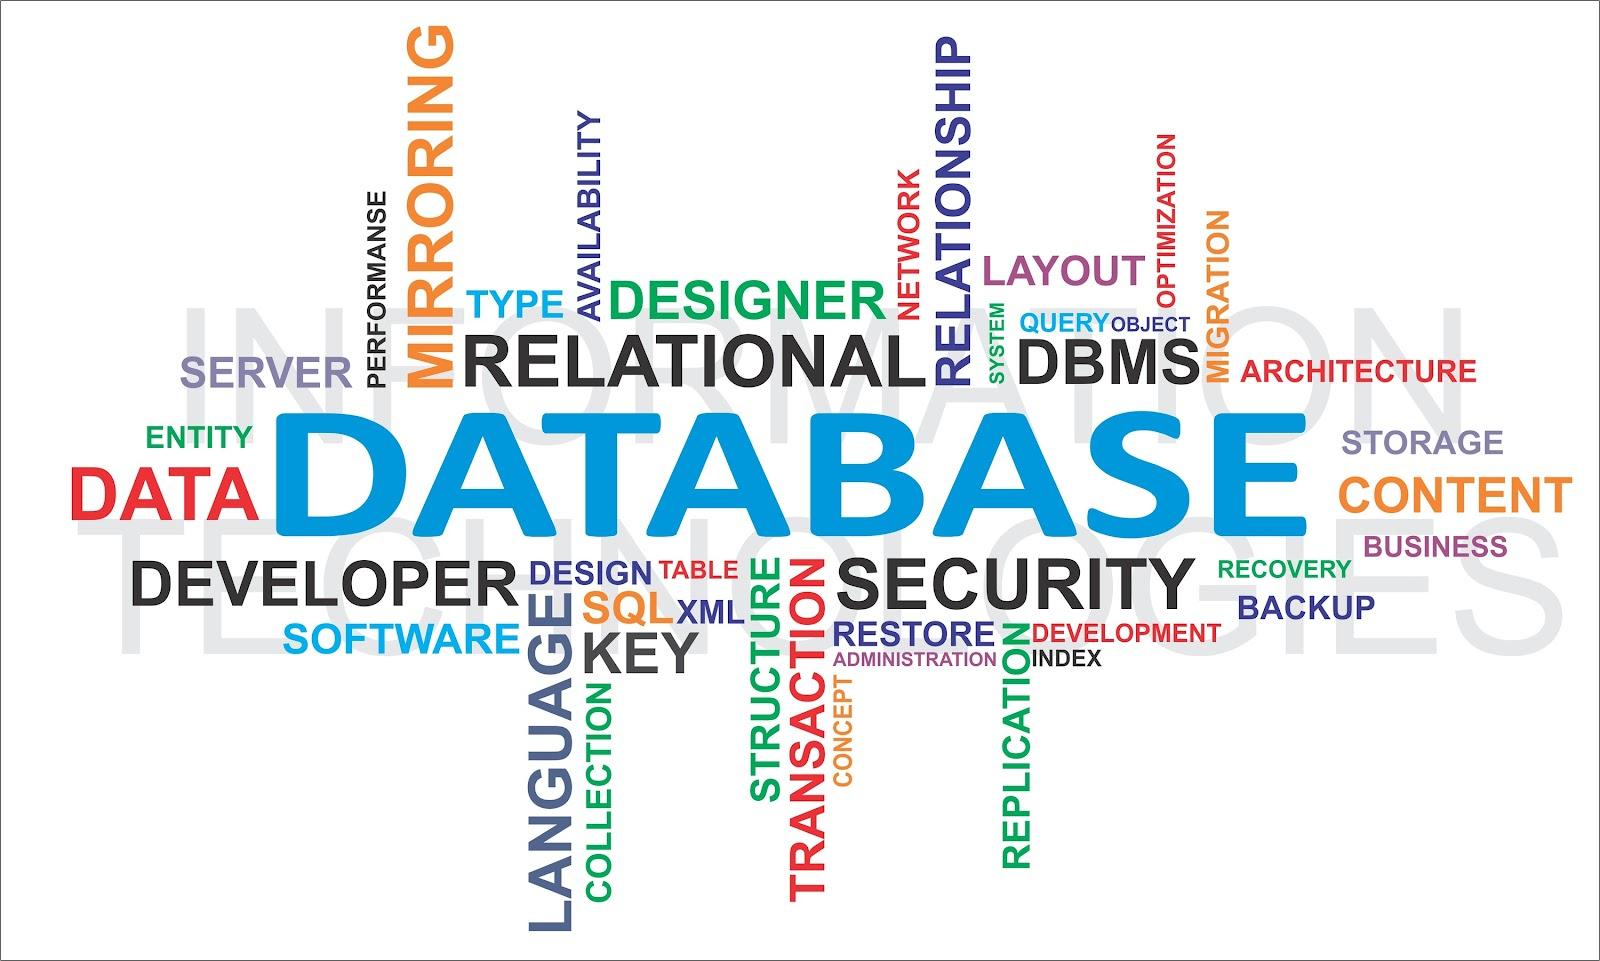 Nhà cung cấp dịch vụ sms có thể cung cấp data